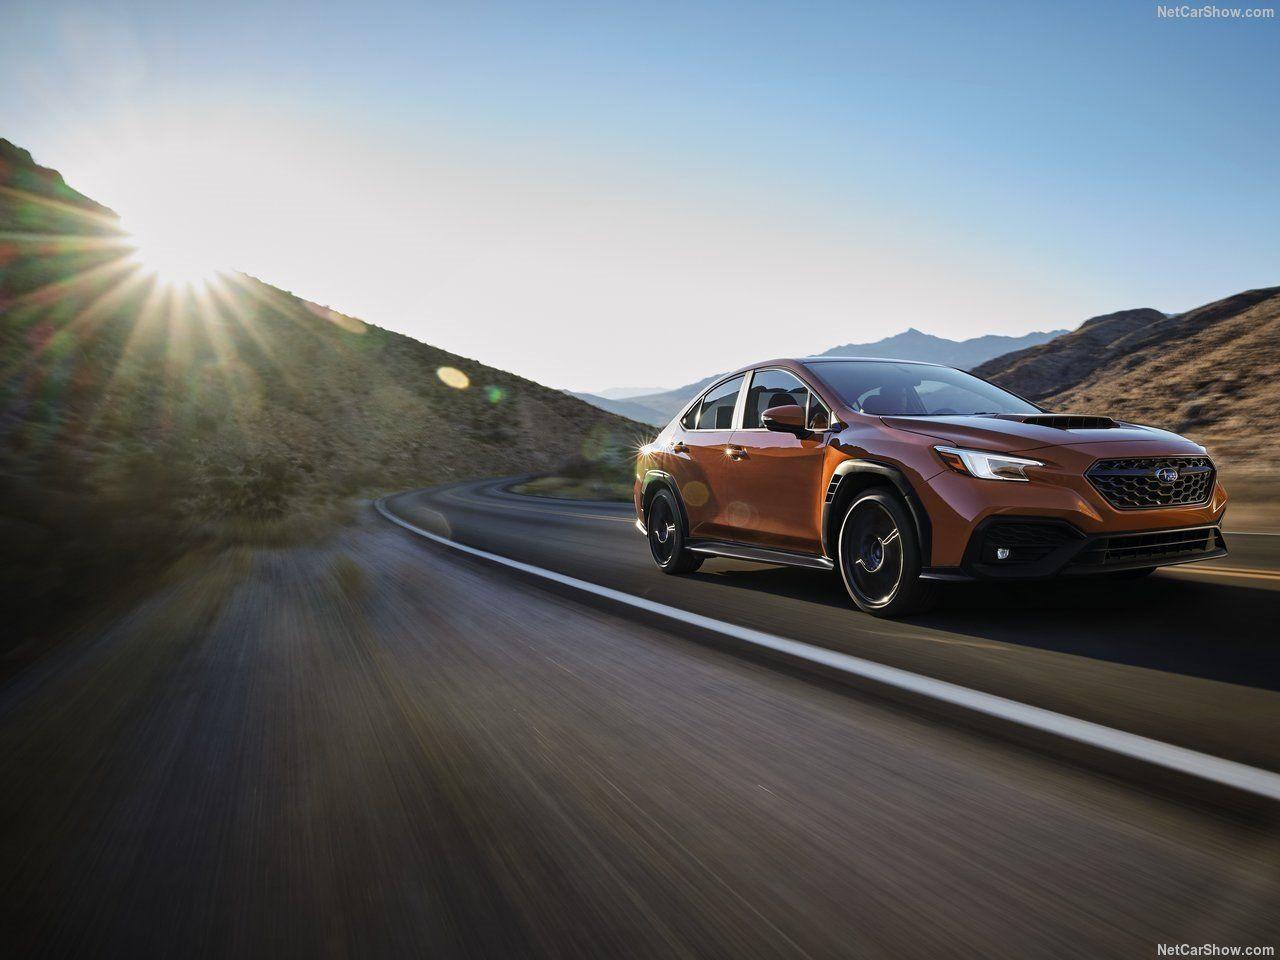 Subaru WRX yeniden doğuyor! İşte karşınızda 2022 model Subaru WRX - Resim: 3